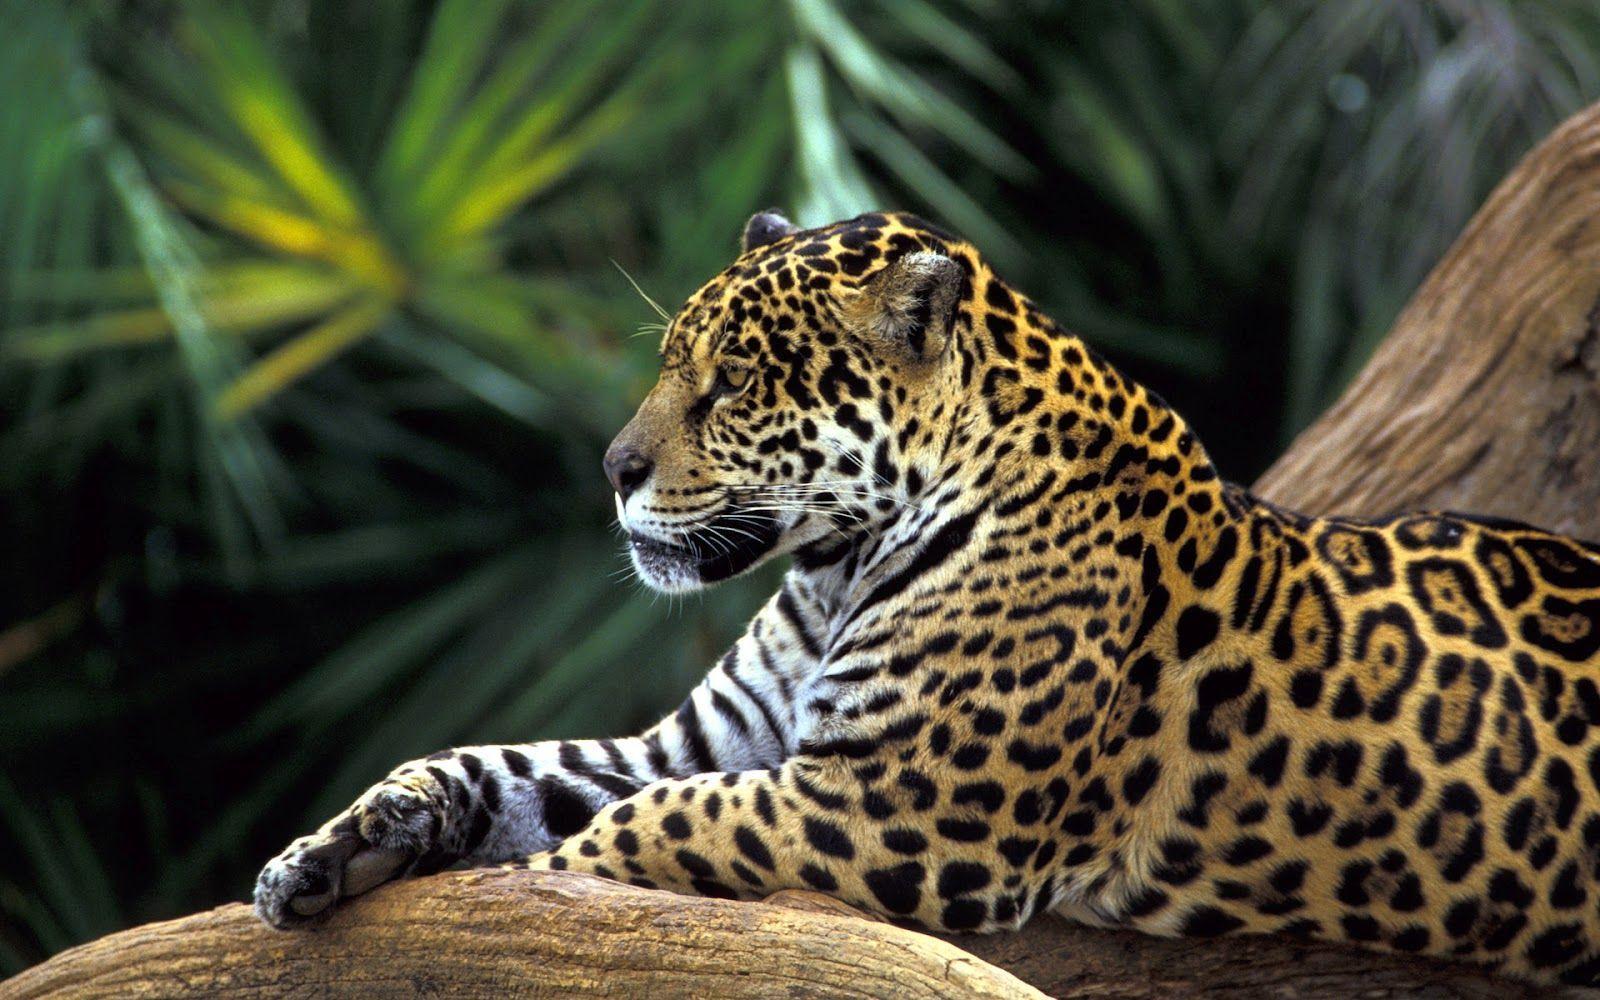 Jaguar wallpapers - Wallpapers